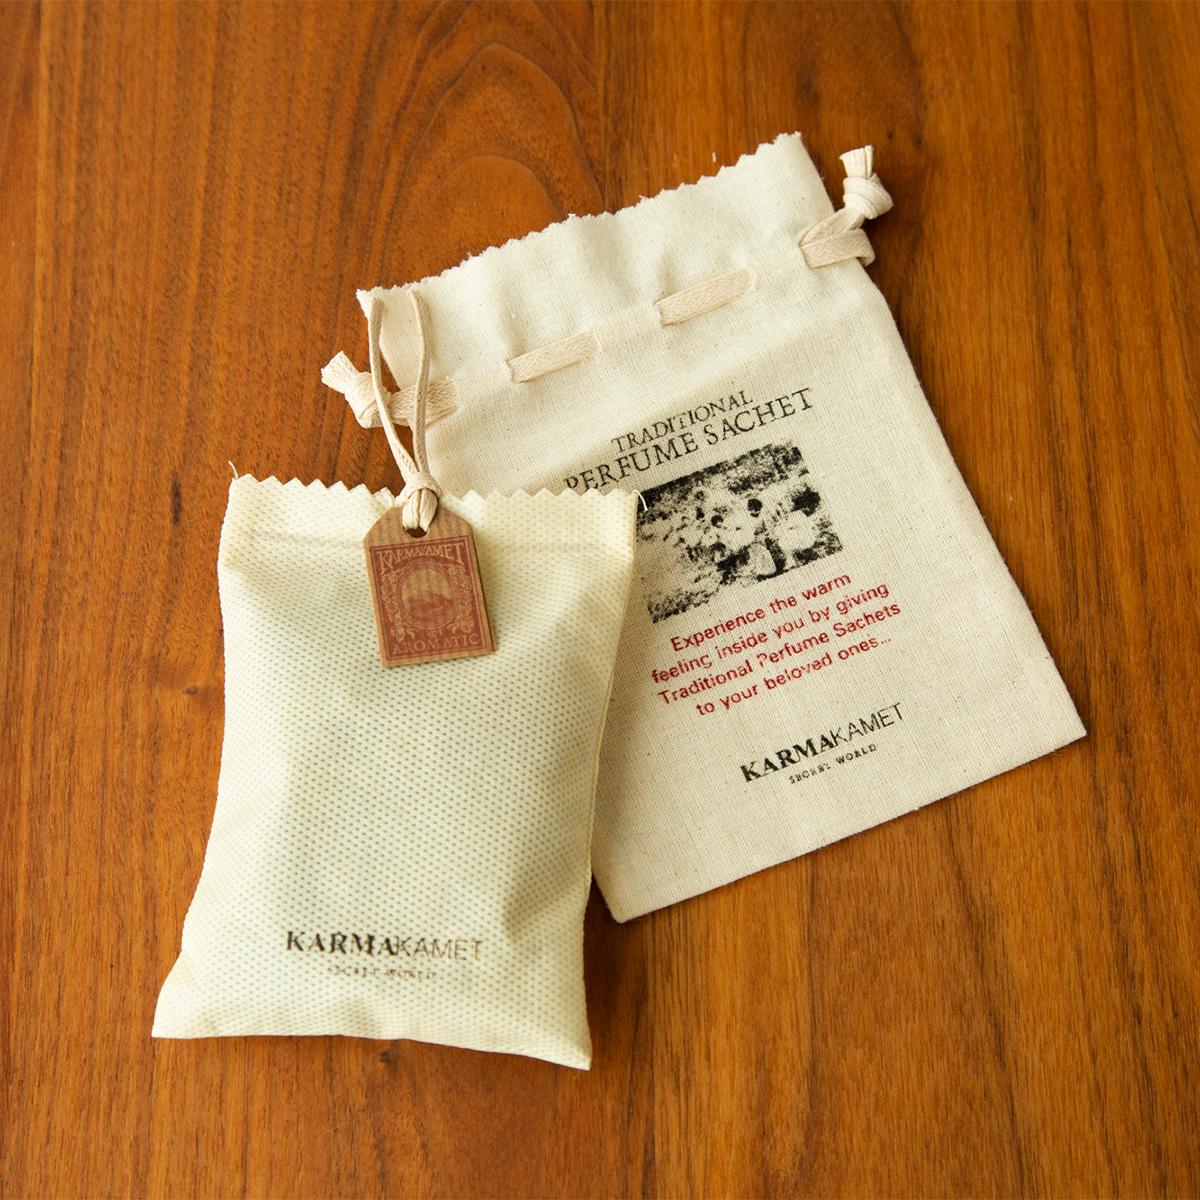 吸水性にすぐれたインド洋の軽石、シナモン、クローブなどのスパイスに、職人がひとつひとつ手作業で香りを染みこませたサシェ・匂い袋・香り袋|タイ王室御用達のアロマブランド『KARMAKAMET(カルマカメット)』